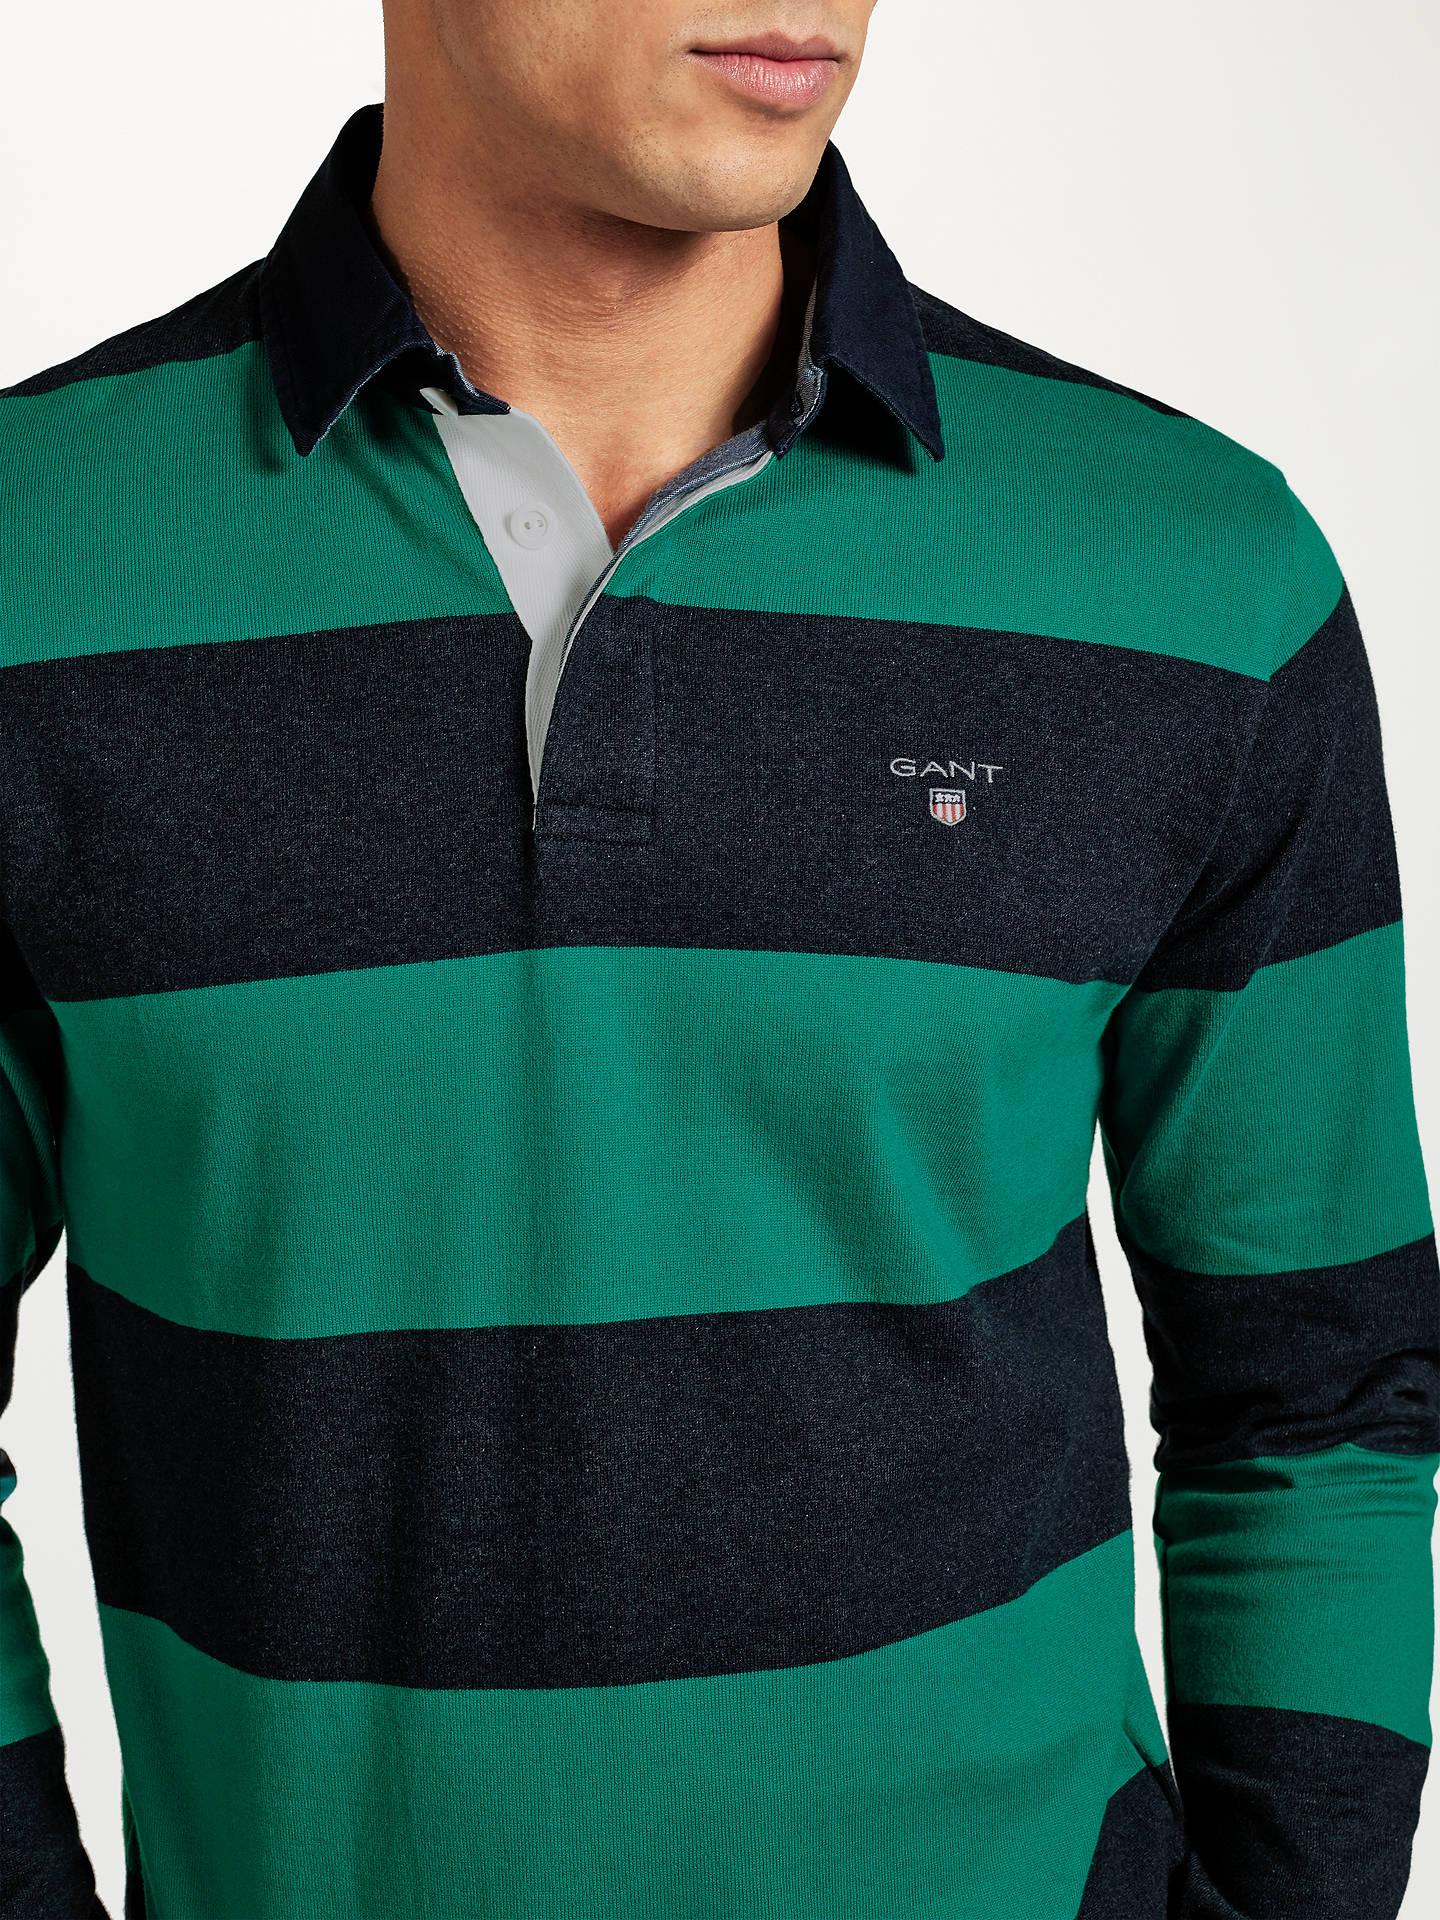 081436ca Armani Jeans Modern Fit Long Sleeve Polo Shirt | Lixnet AG